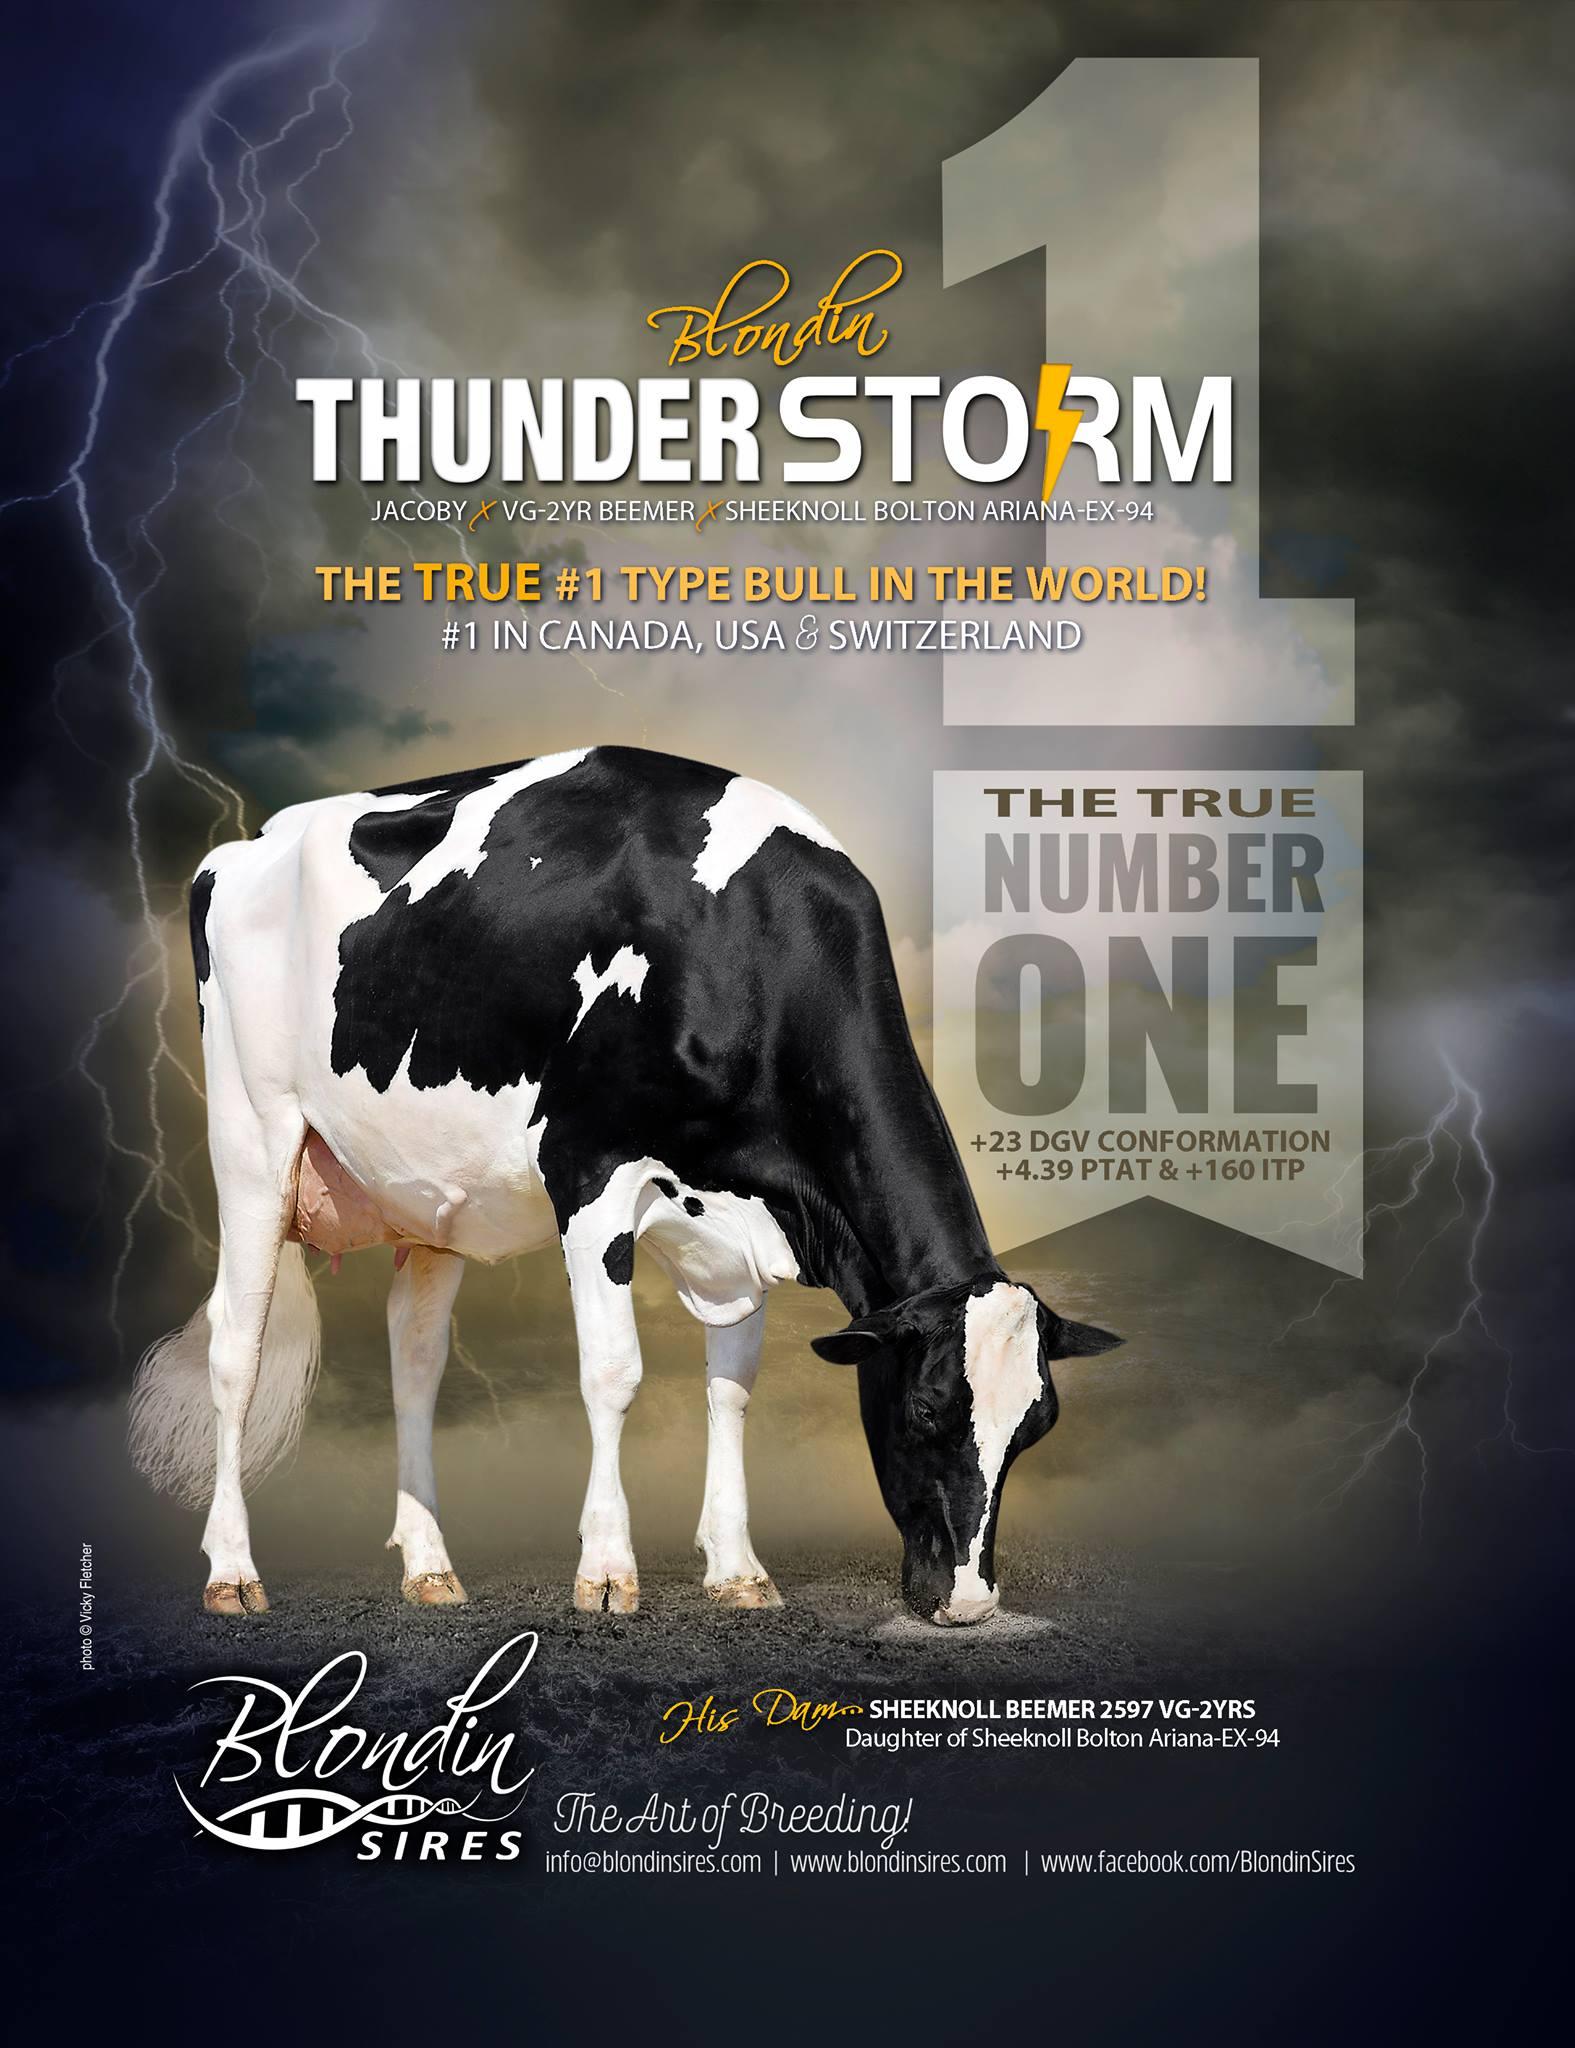 El toro #1 en tipo del mundo ya está aquí! THUNDER STORM